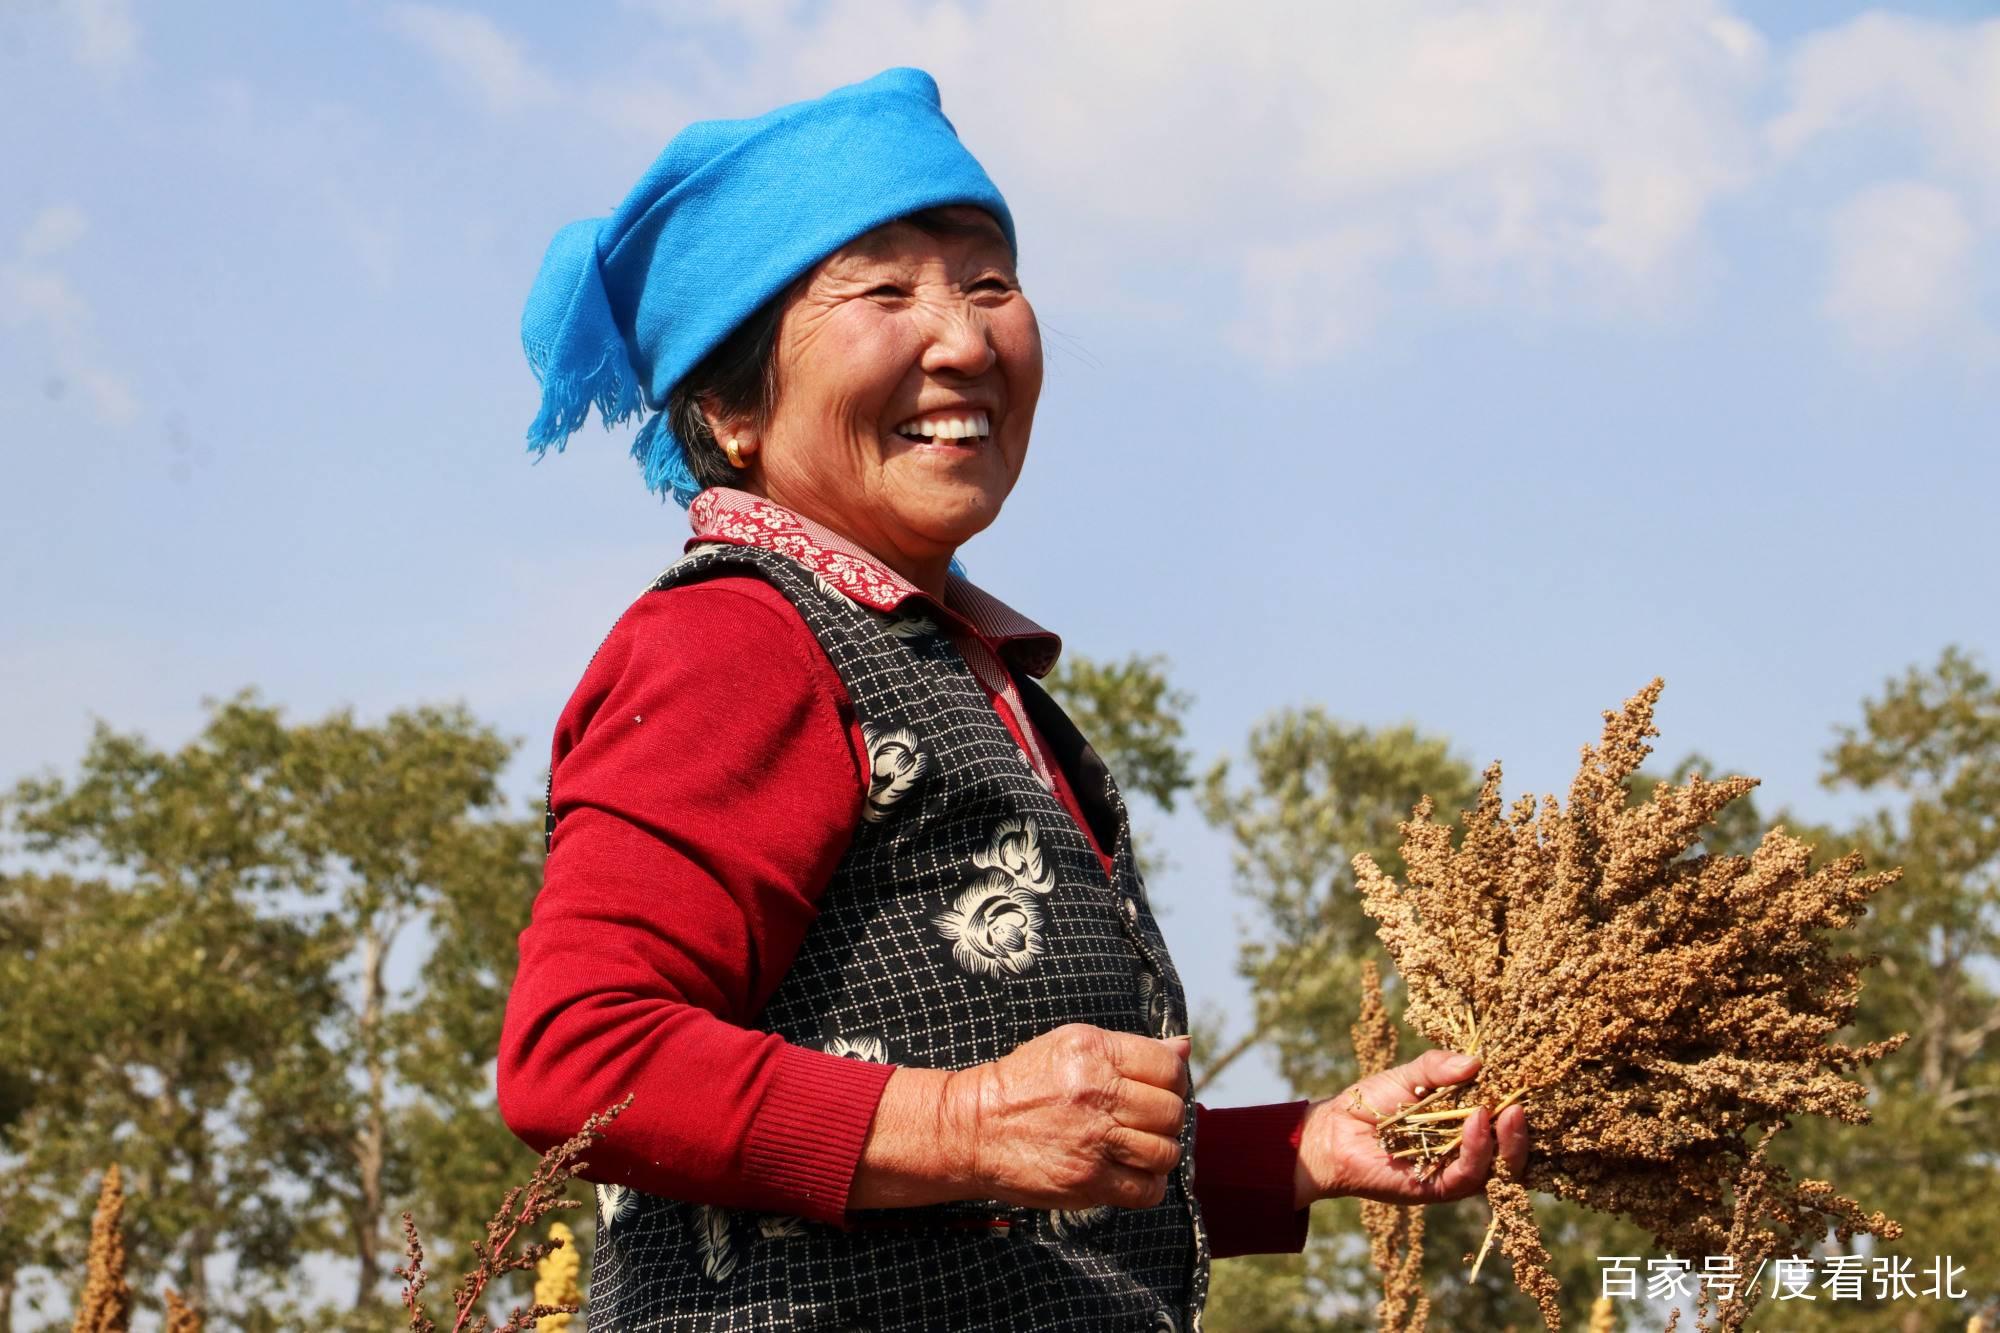 影像记录 河北张北:玉狗粱村秋季忙 金黄藜麦喜丰收